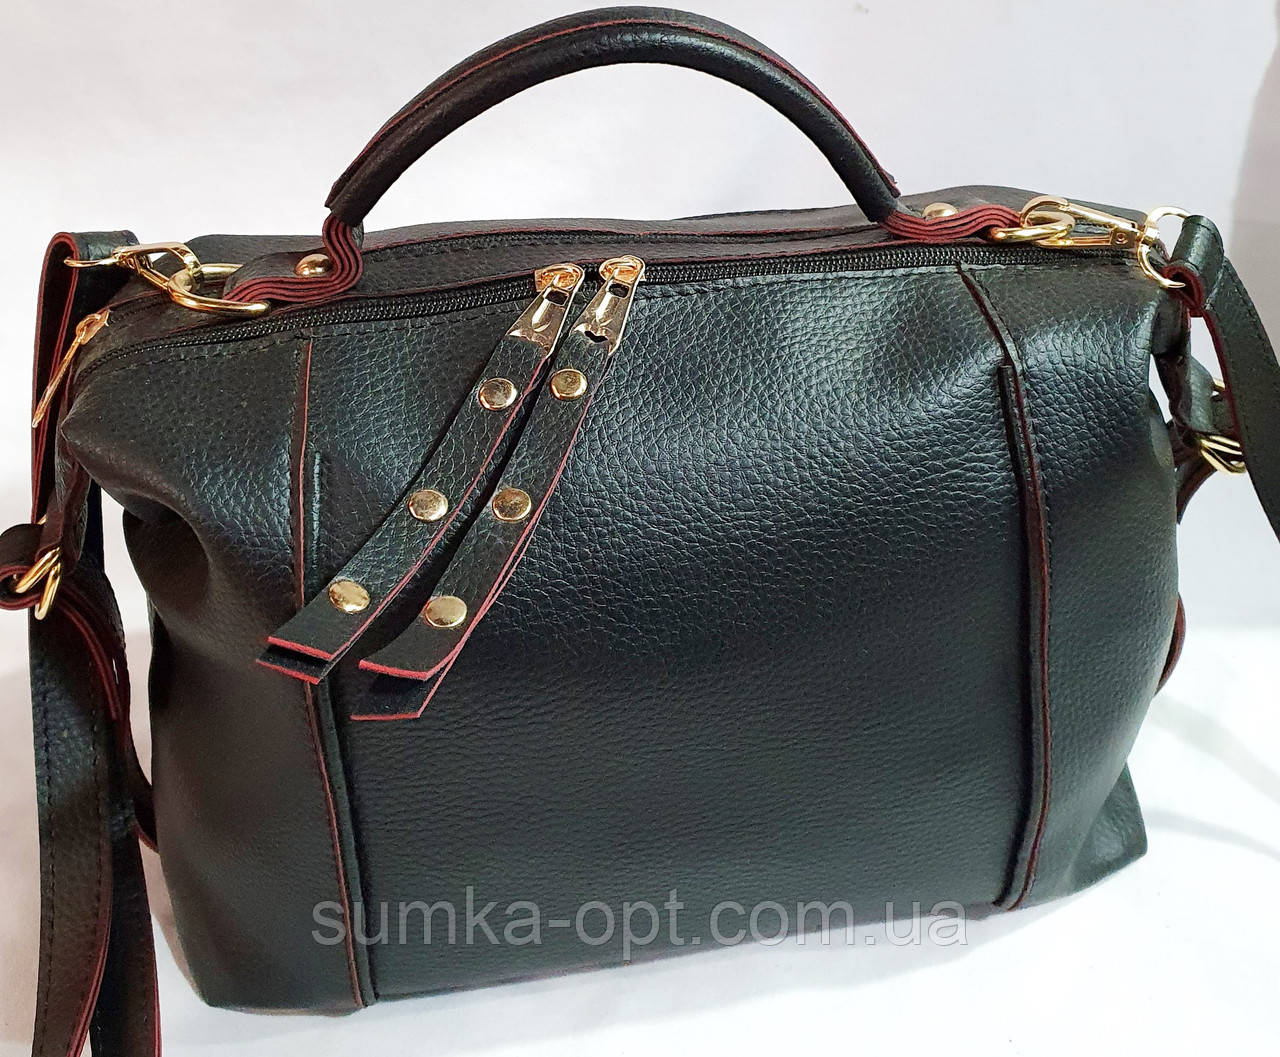 Брендовая женская сумка Zara с золотой фурнитурой и на 2 молнии 30*21 см (распродажа) черно-красная